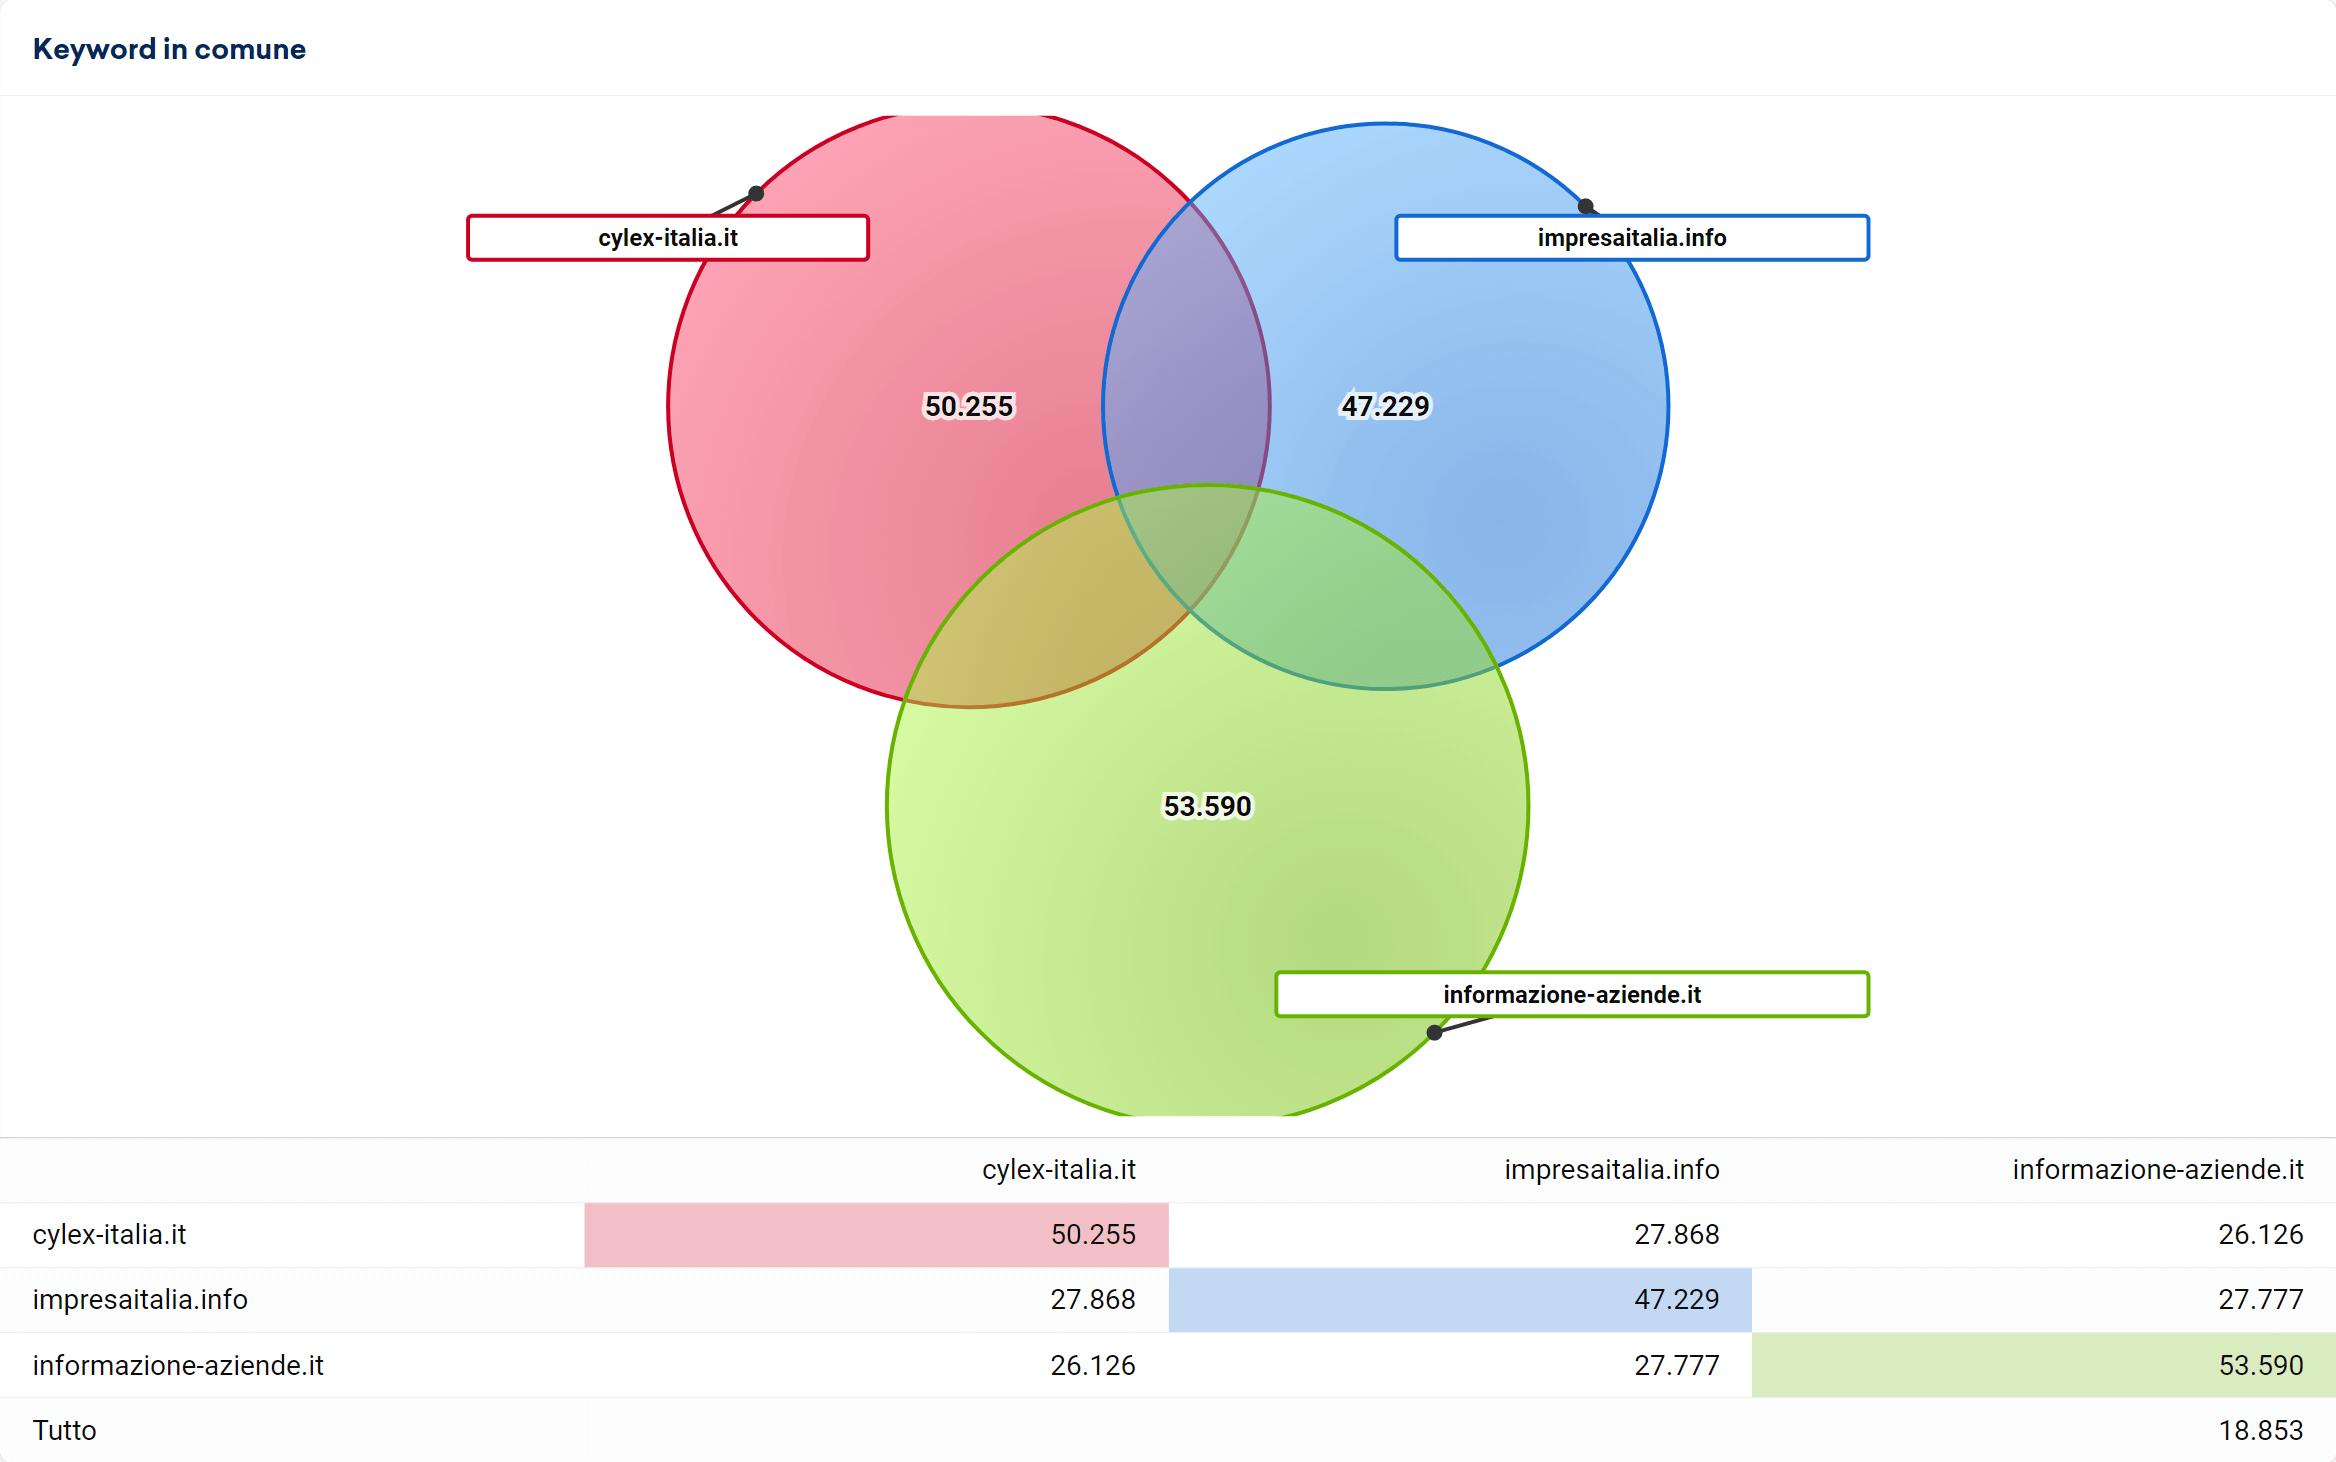 Keyword in comune di informazione-aziende.it, cylex-italia.it e impresaitalia.info